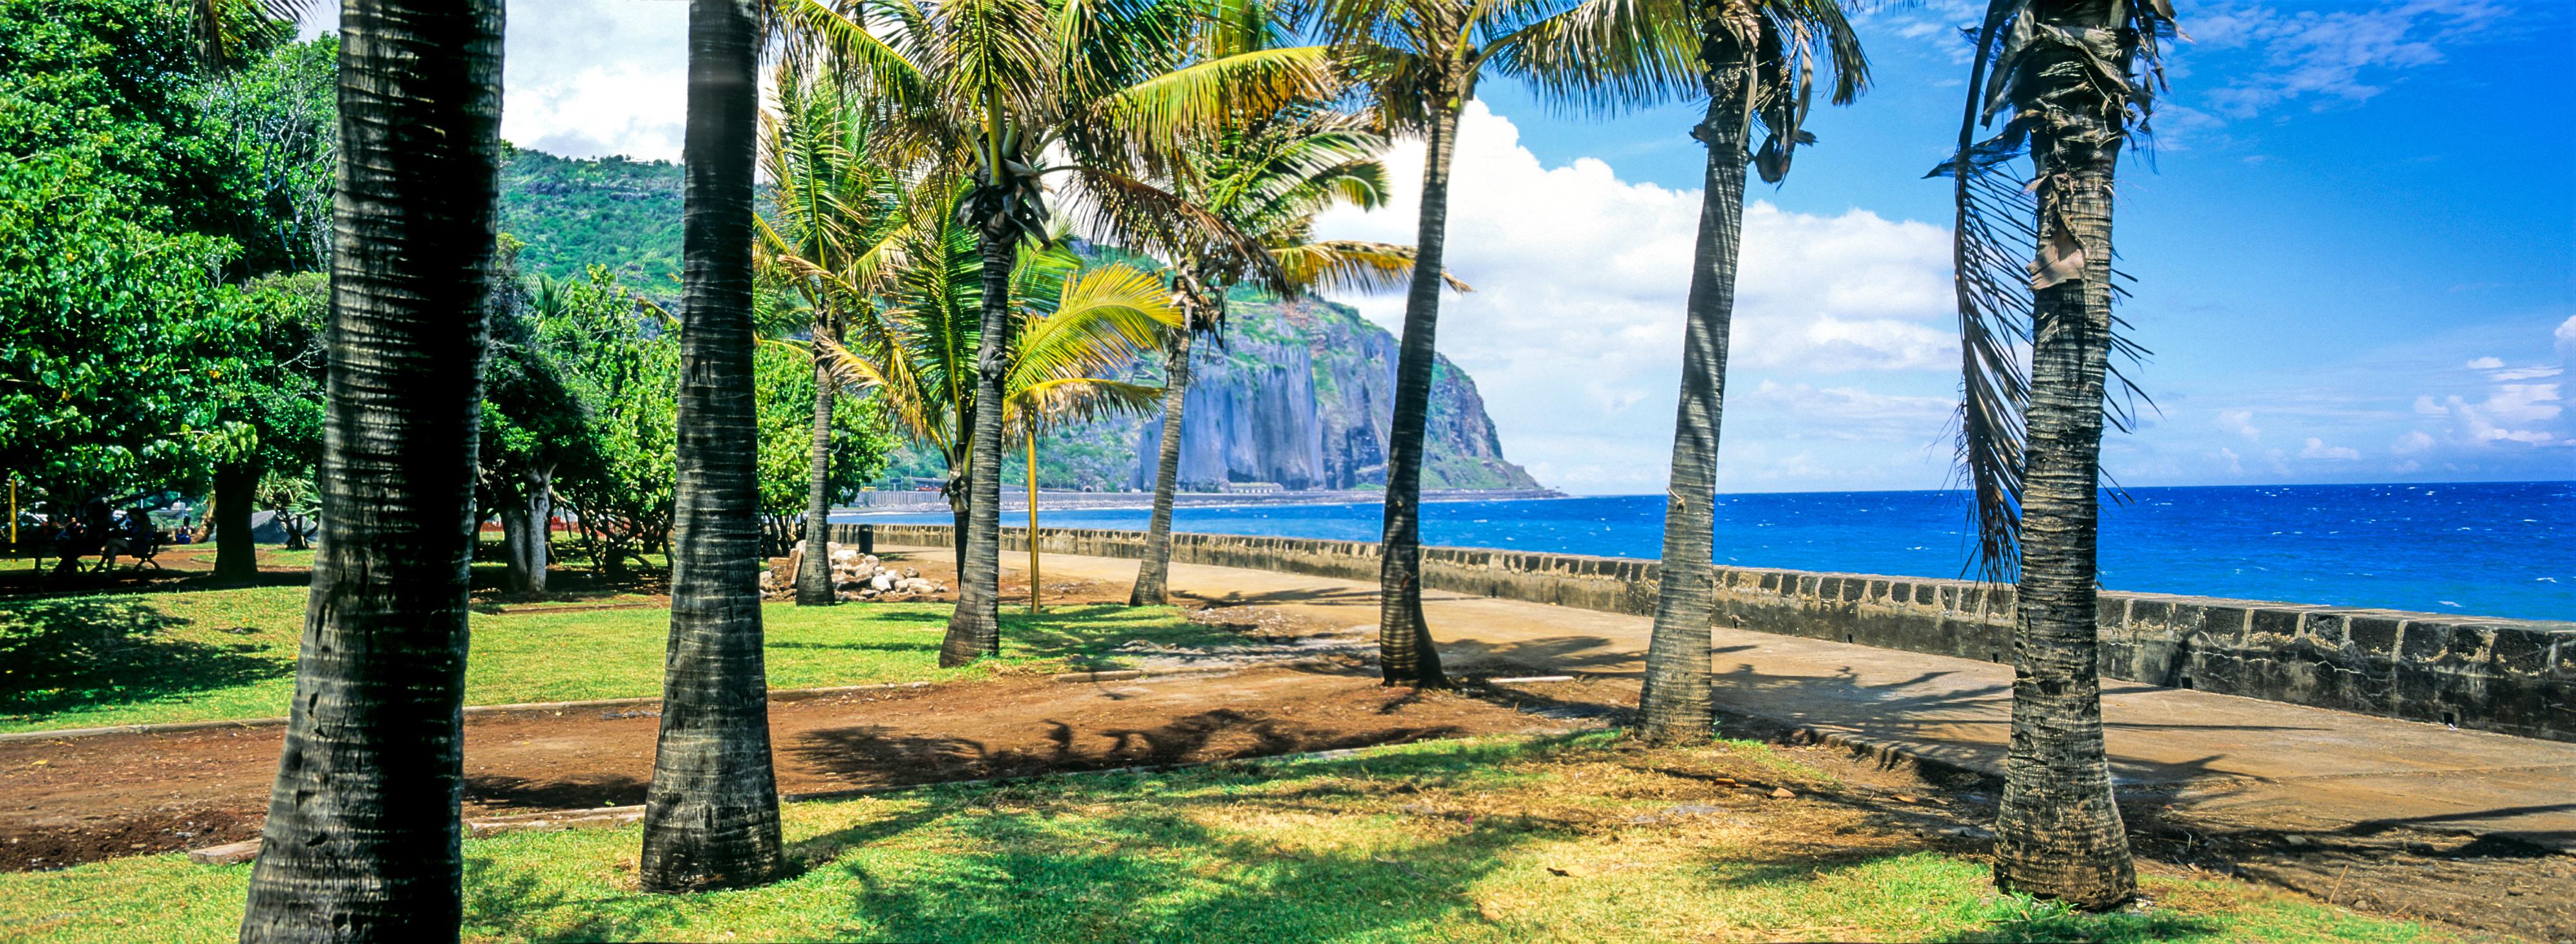 In Saint Denis in La Reunion können Sie sich noch einmal richtig entspannen und den Singleurlaub genießen